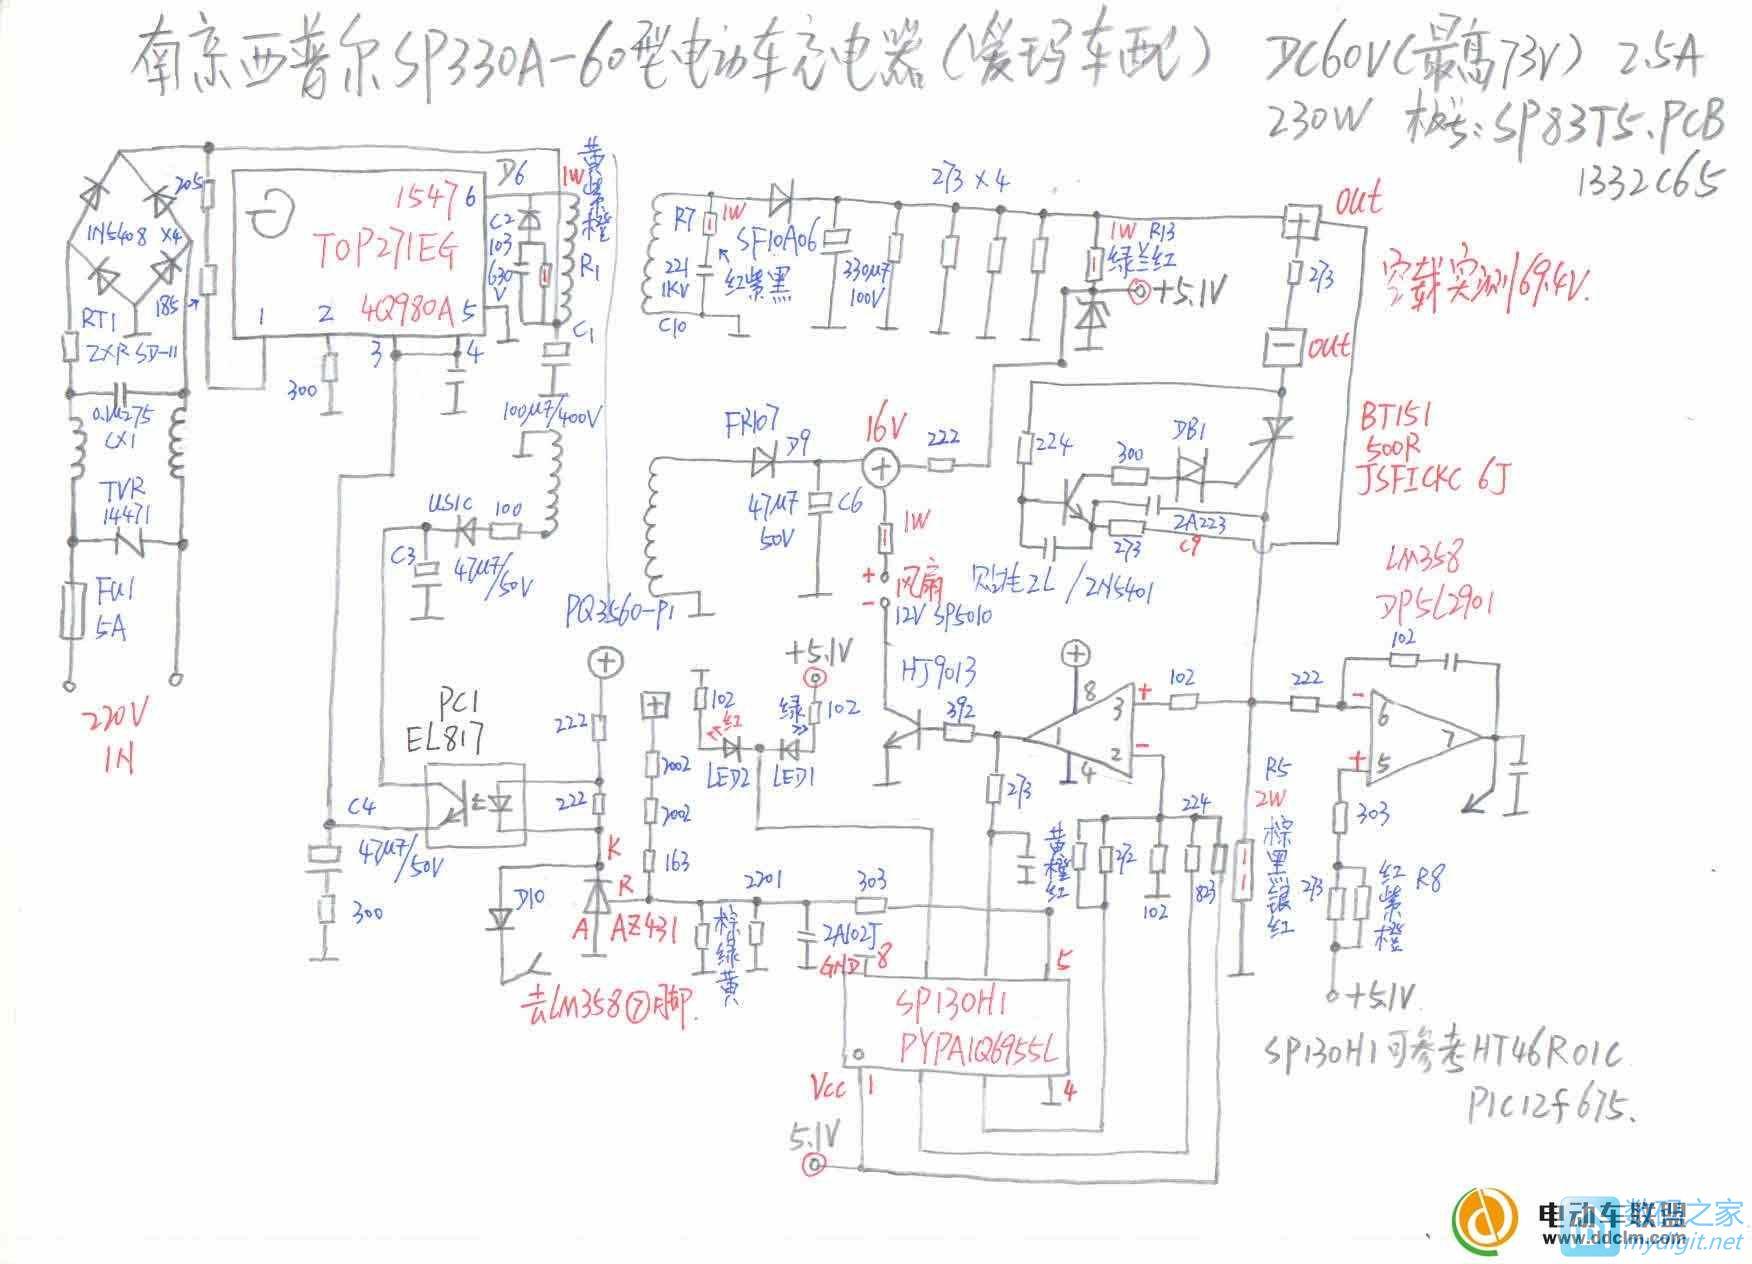 西普尔电动车充电器SP330A-60实绘原理图纸